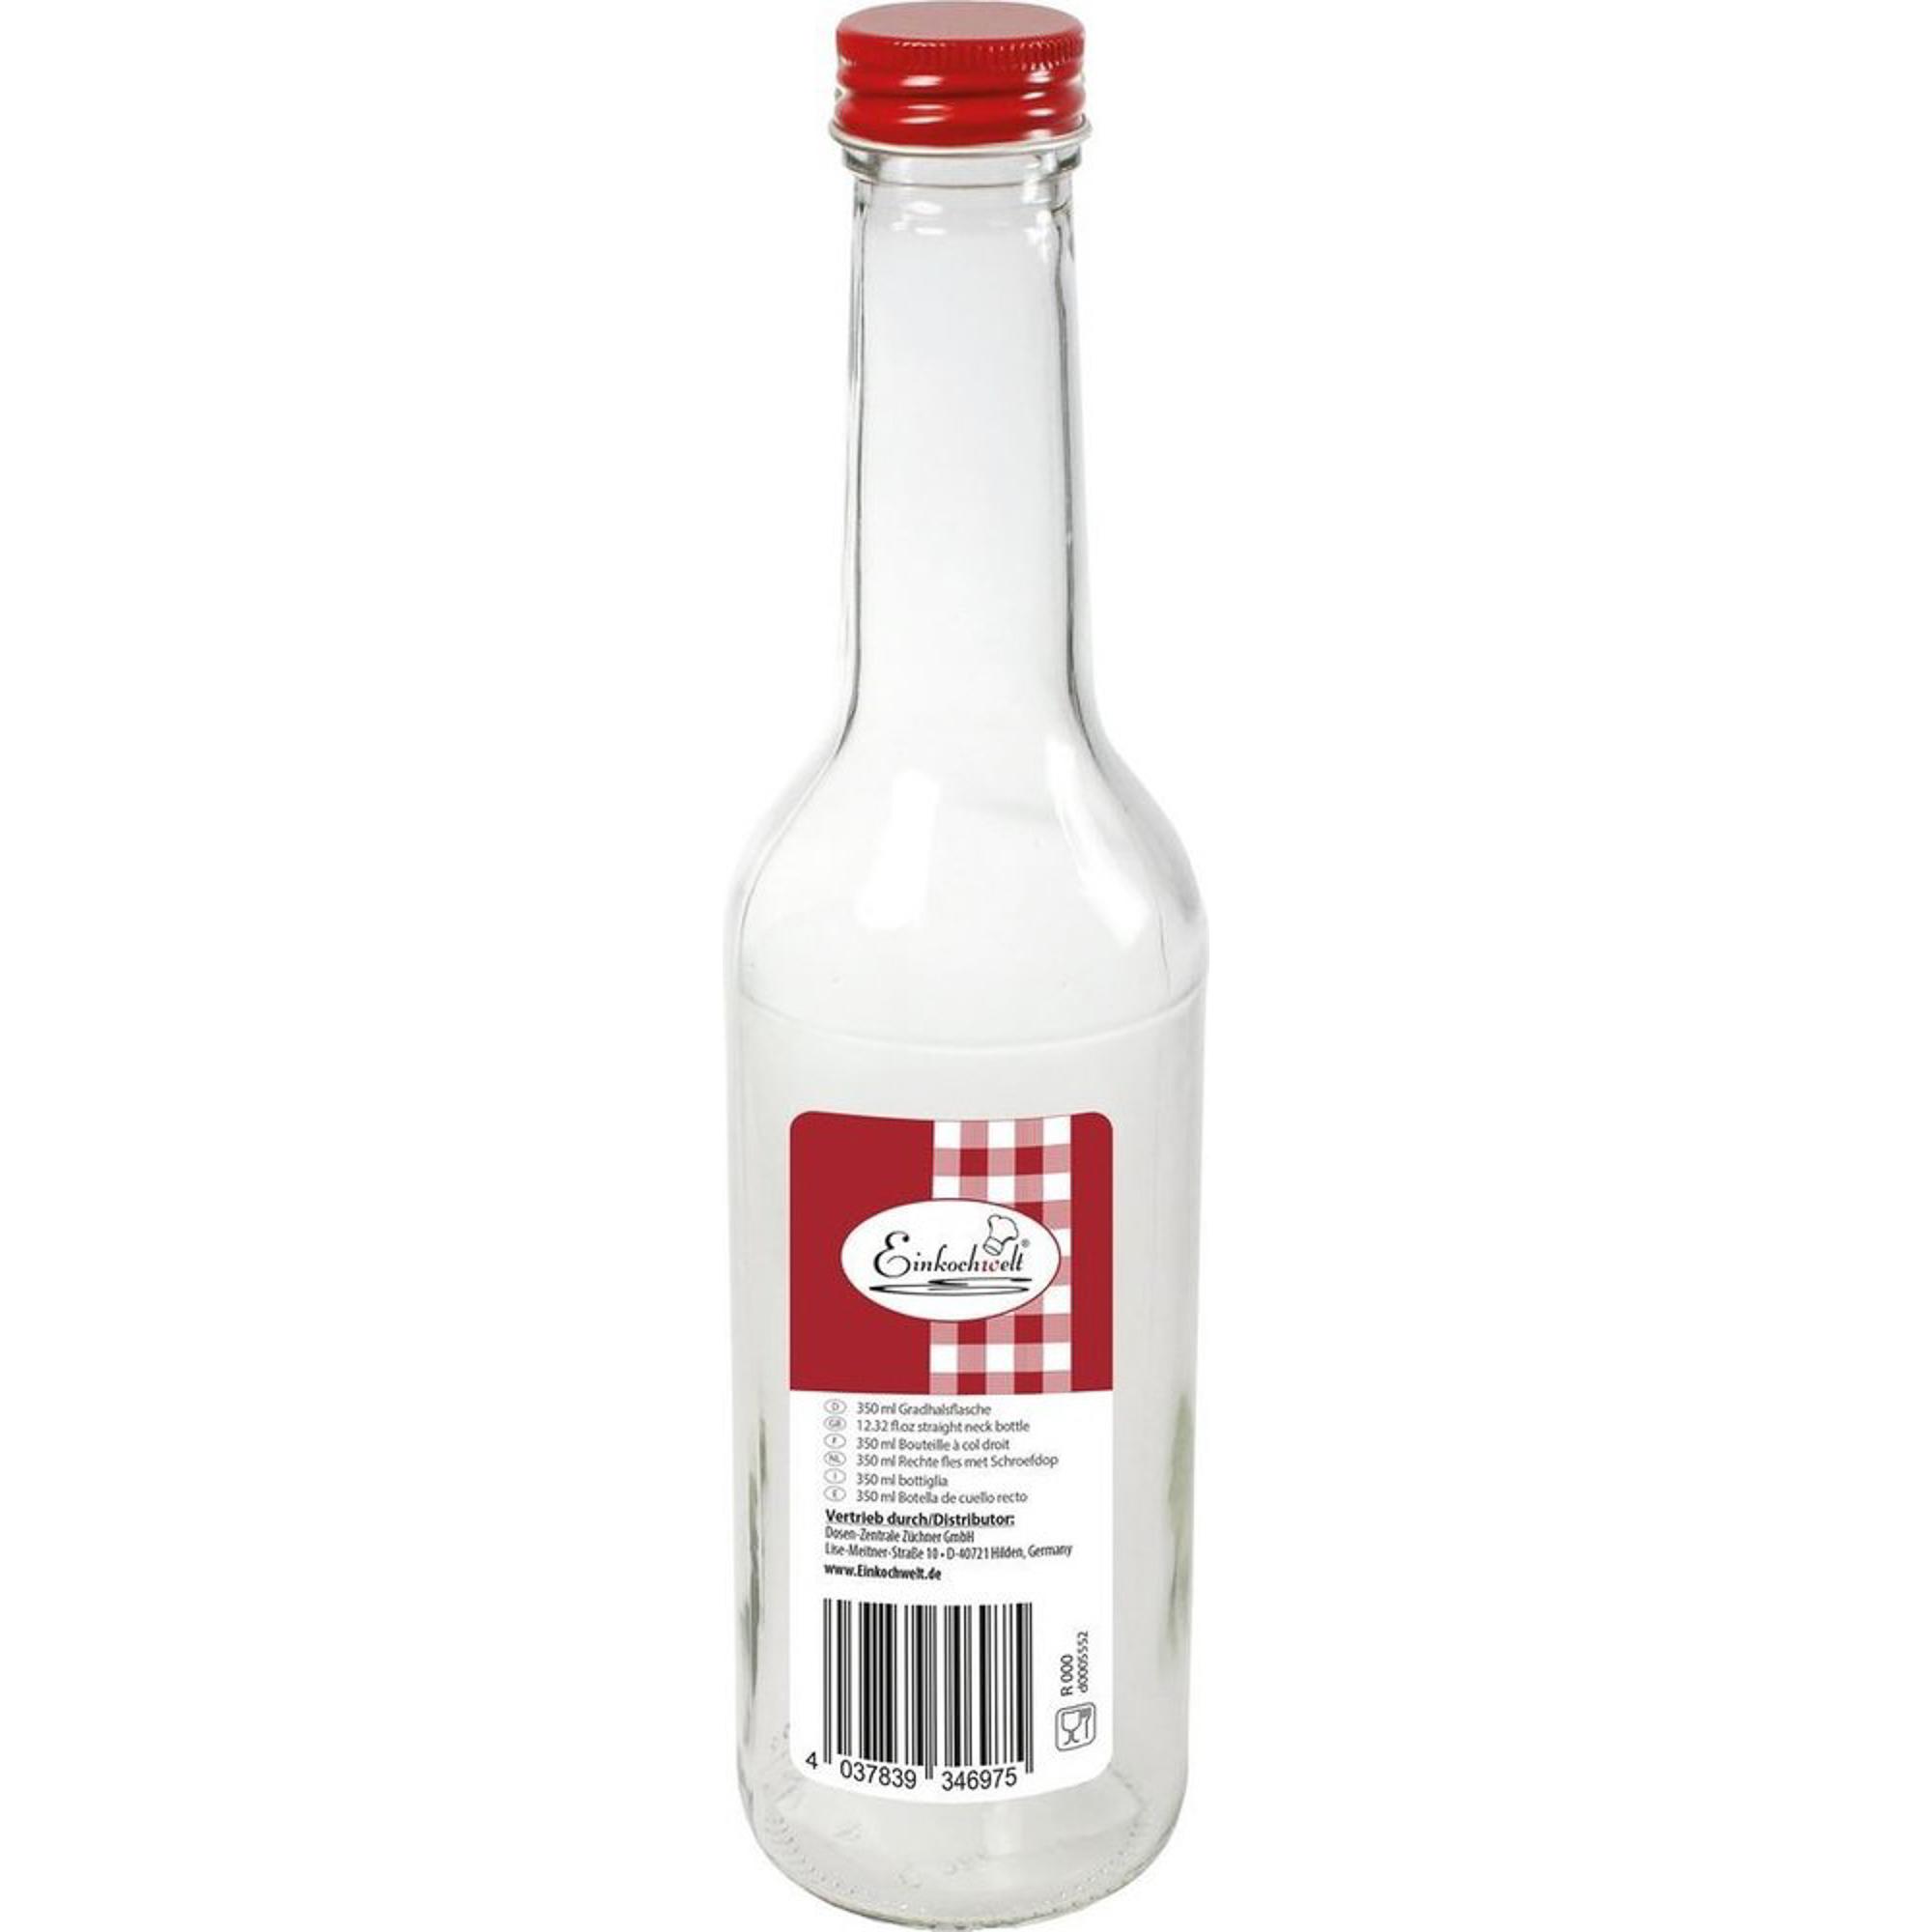 Бутылка 350мл с крышкой Einkochwelt 346975 фото